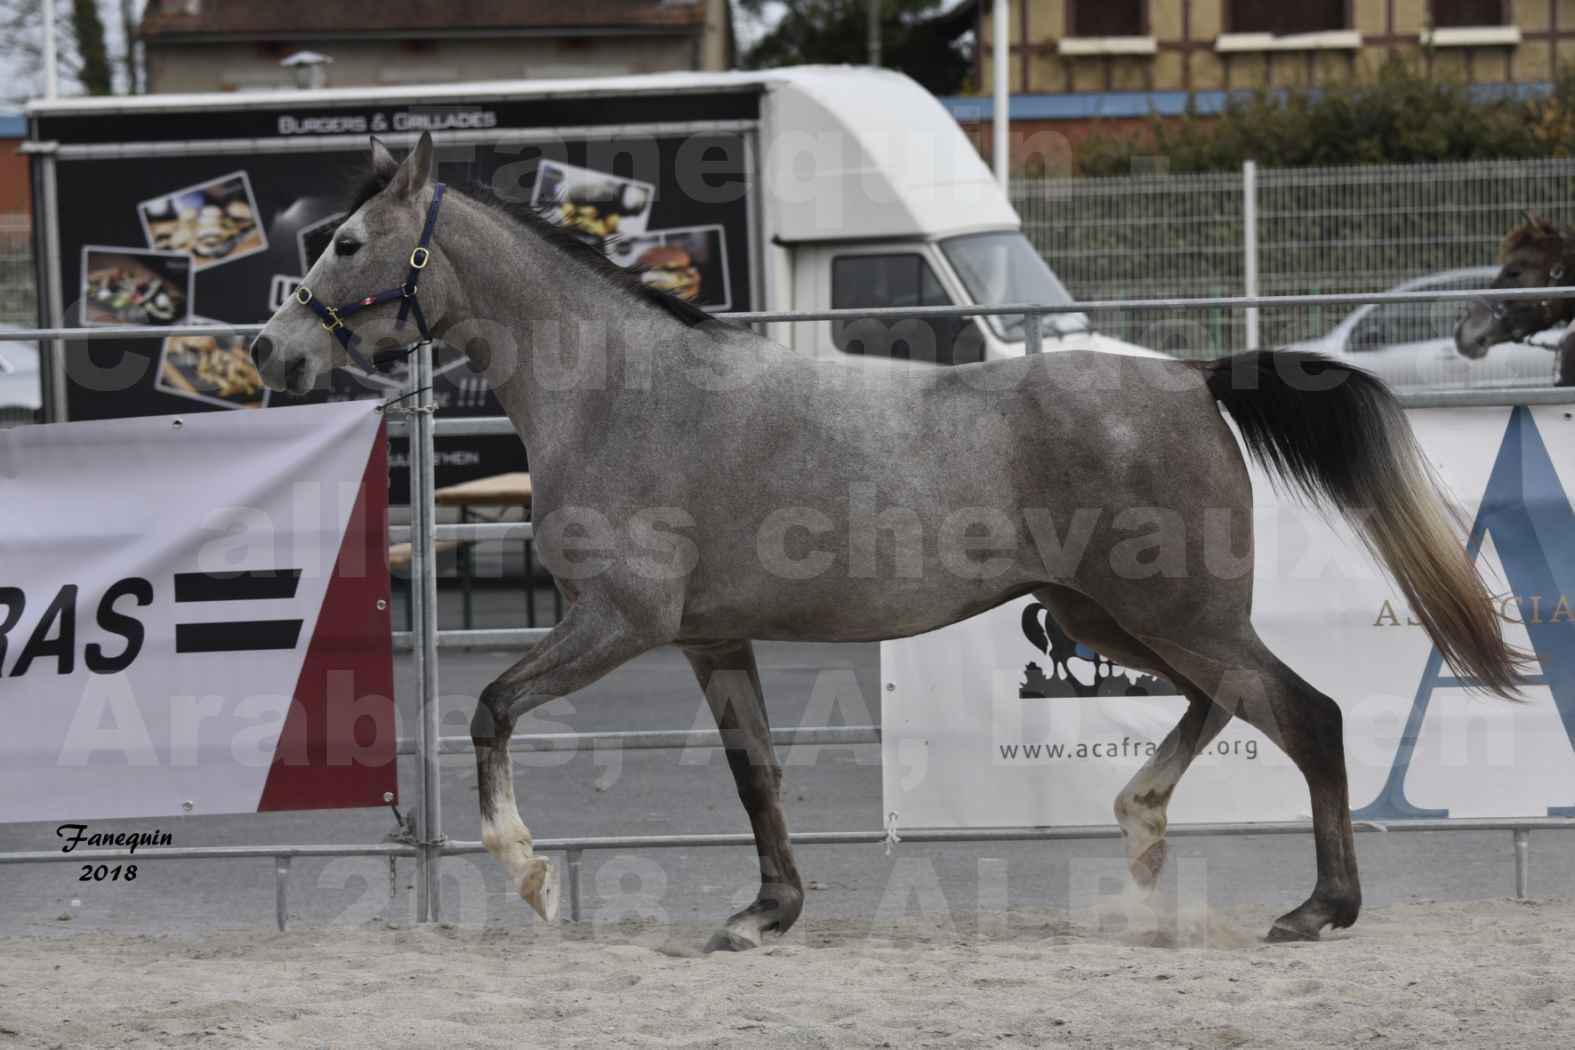 Concours d'élevage de Chevaux Arabes - D. S. A. - A. A. - ALBI les 6 & 7 Avril 2018 - FESIHAMKA ARTAGNAN - Notre Sélection - 2